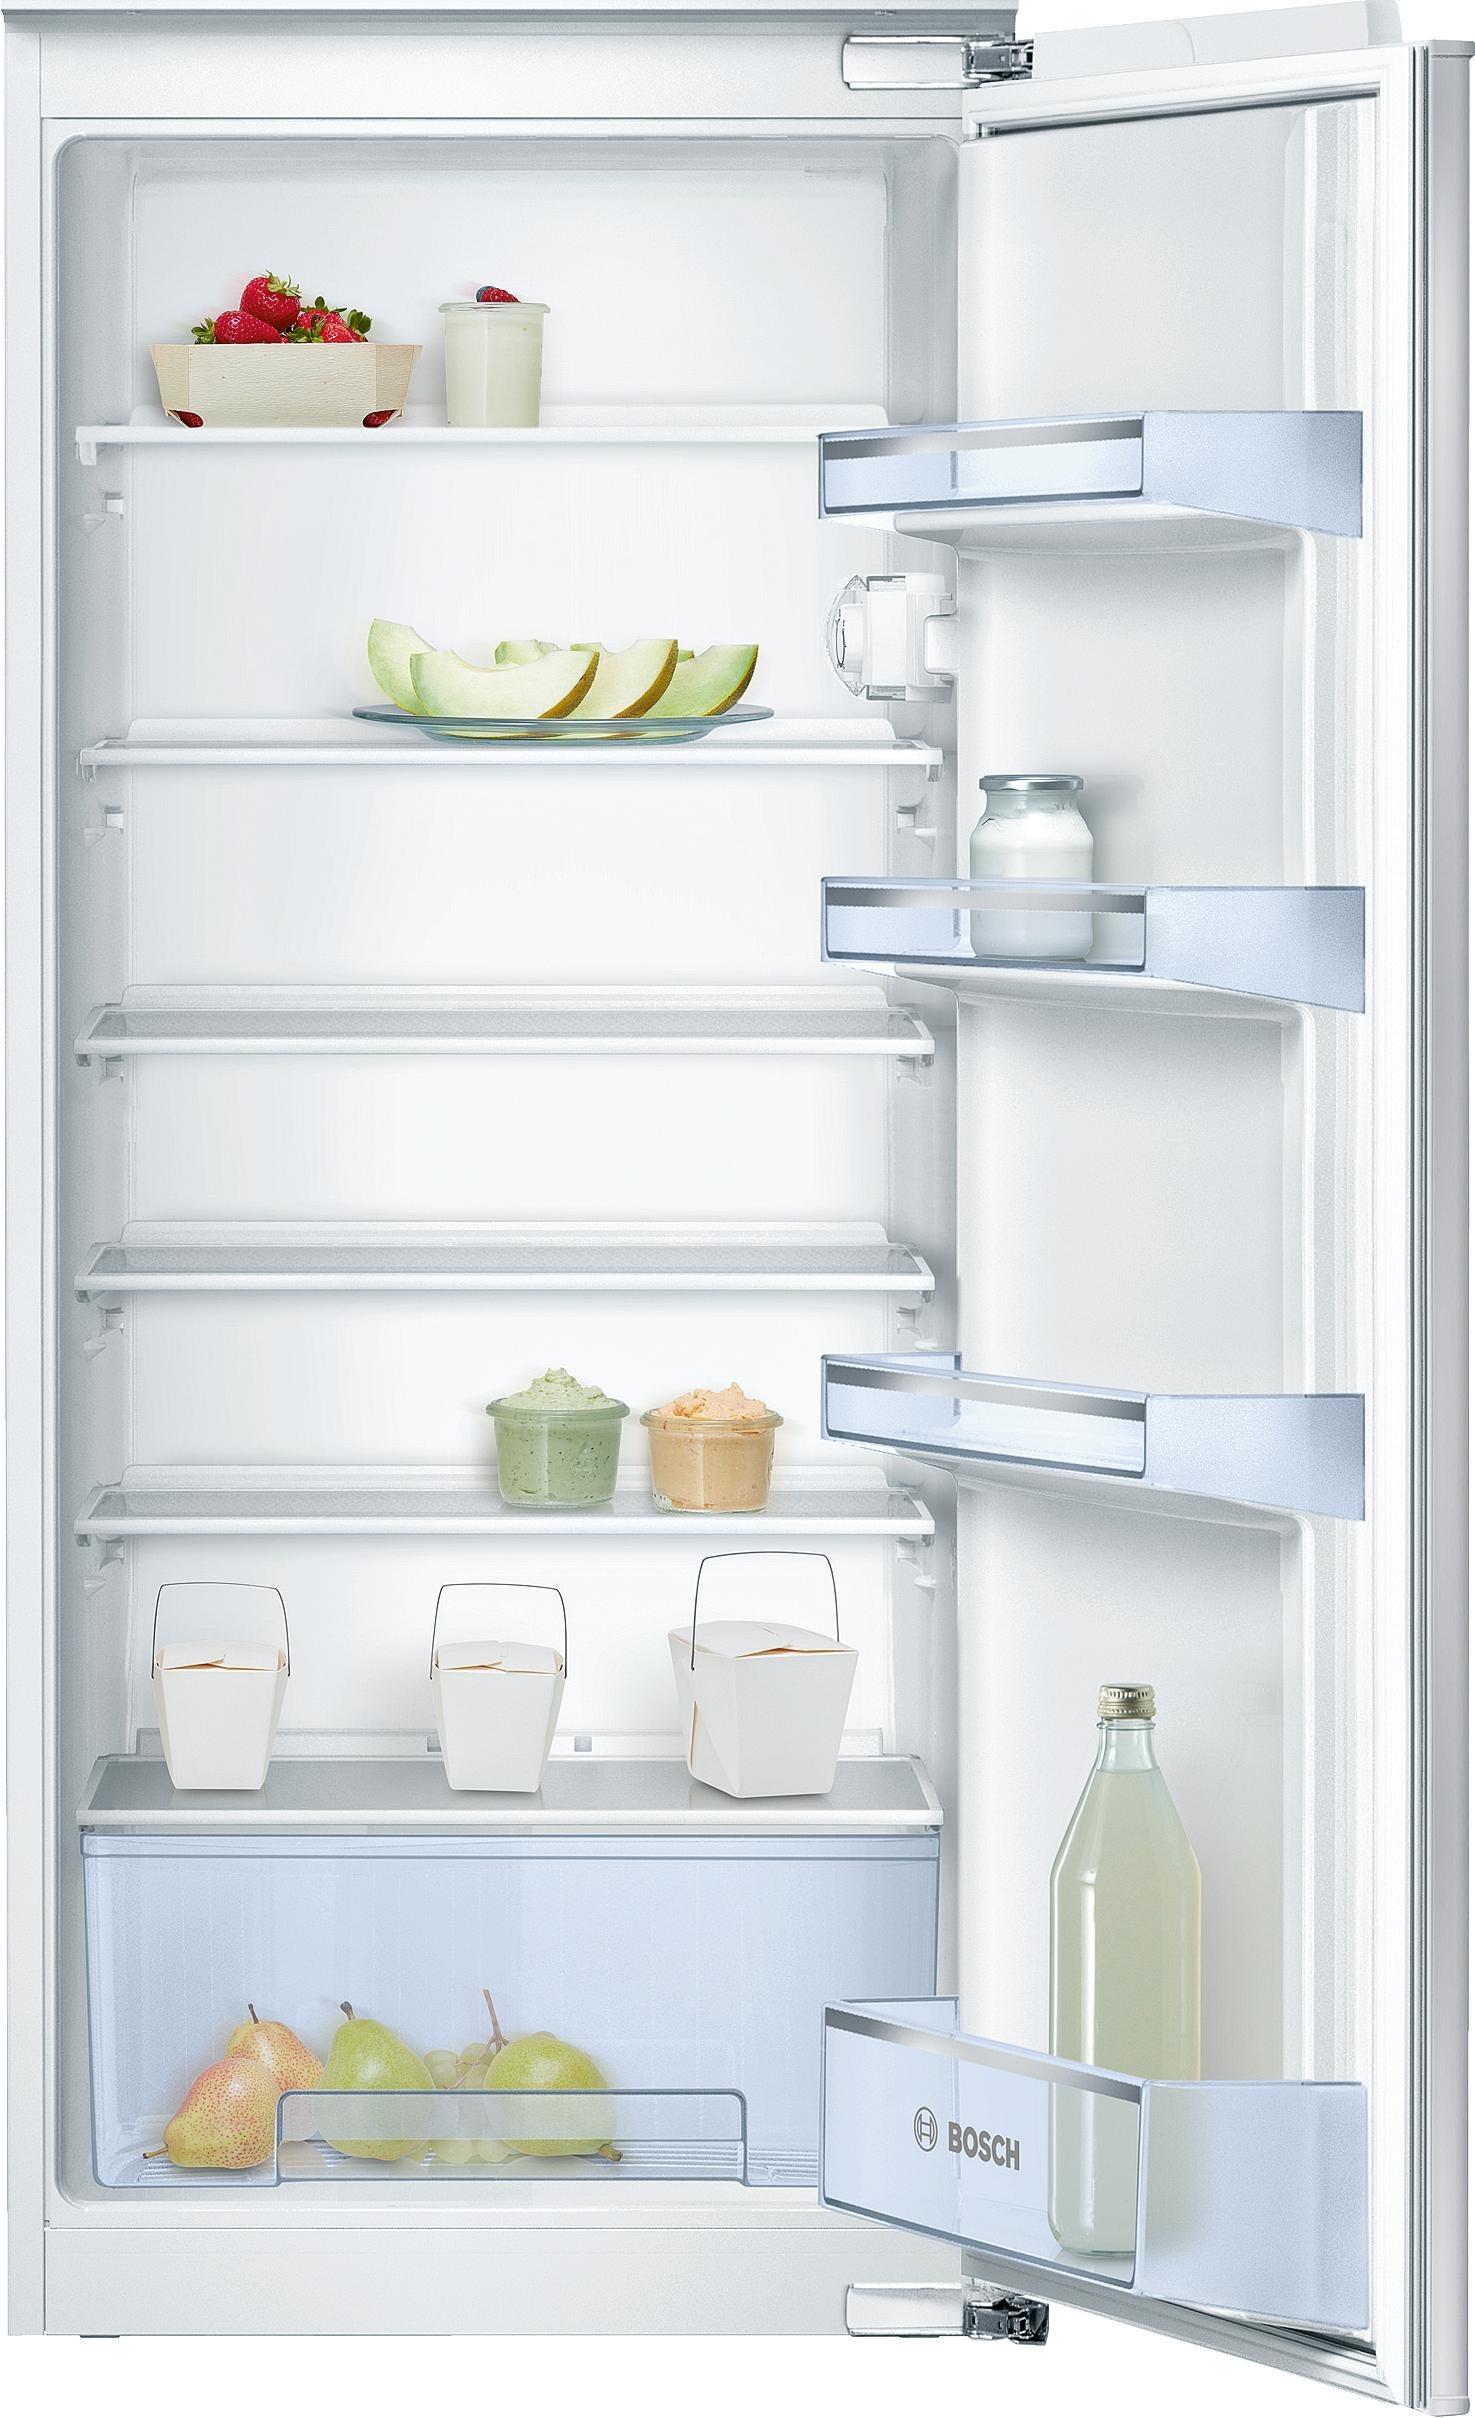 Korting Bosch KIR24V60 inbouw koelkast